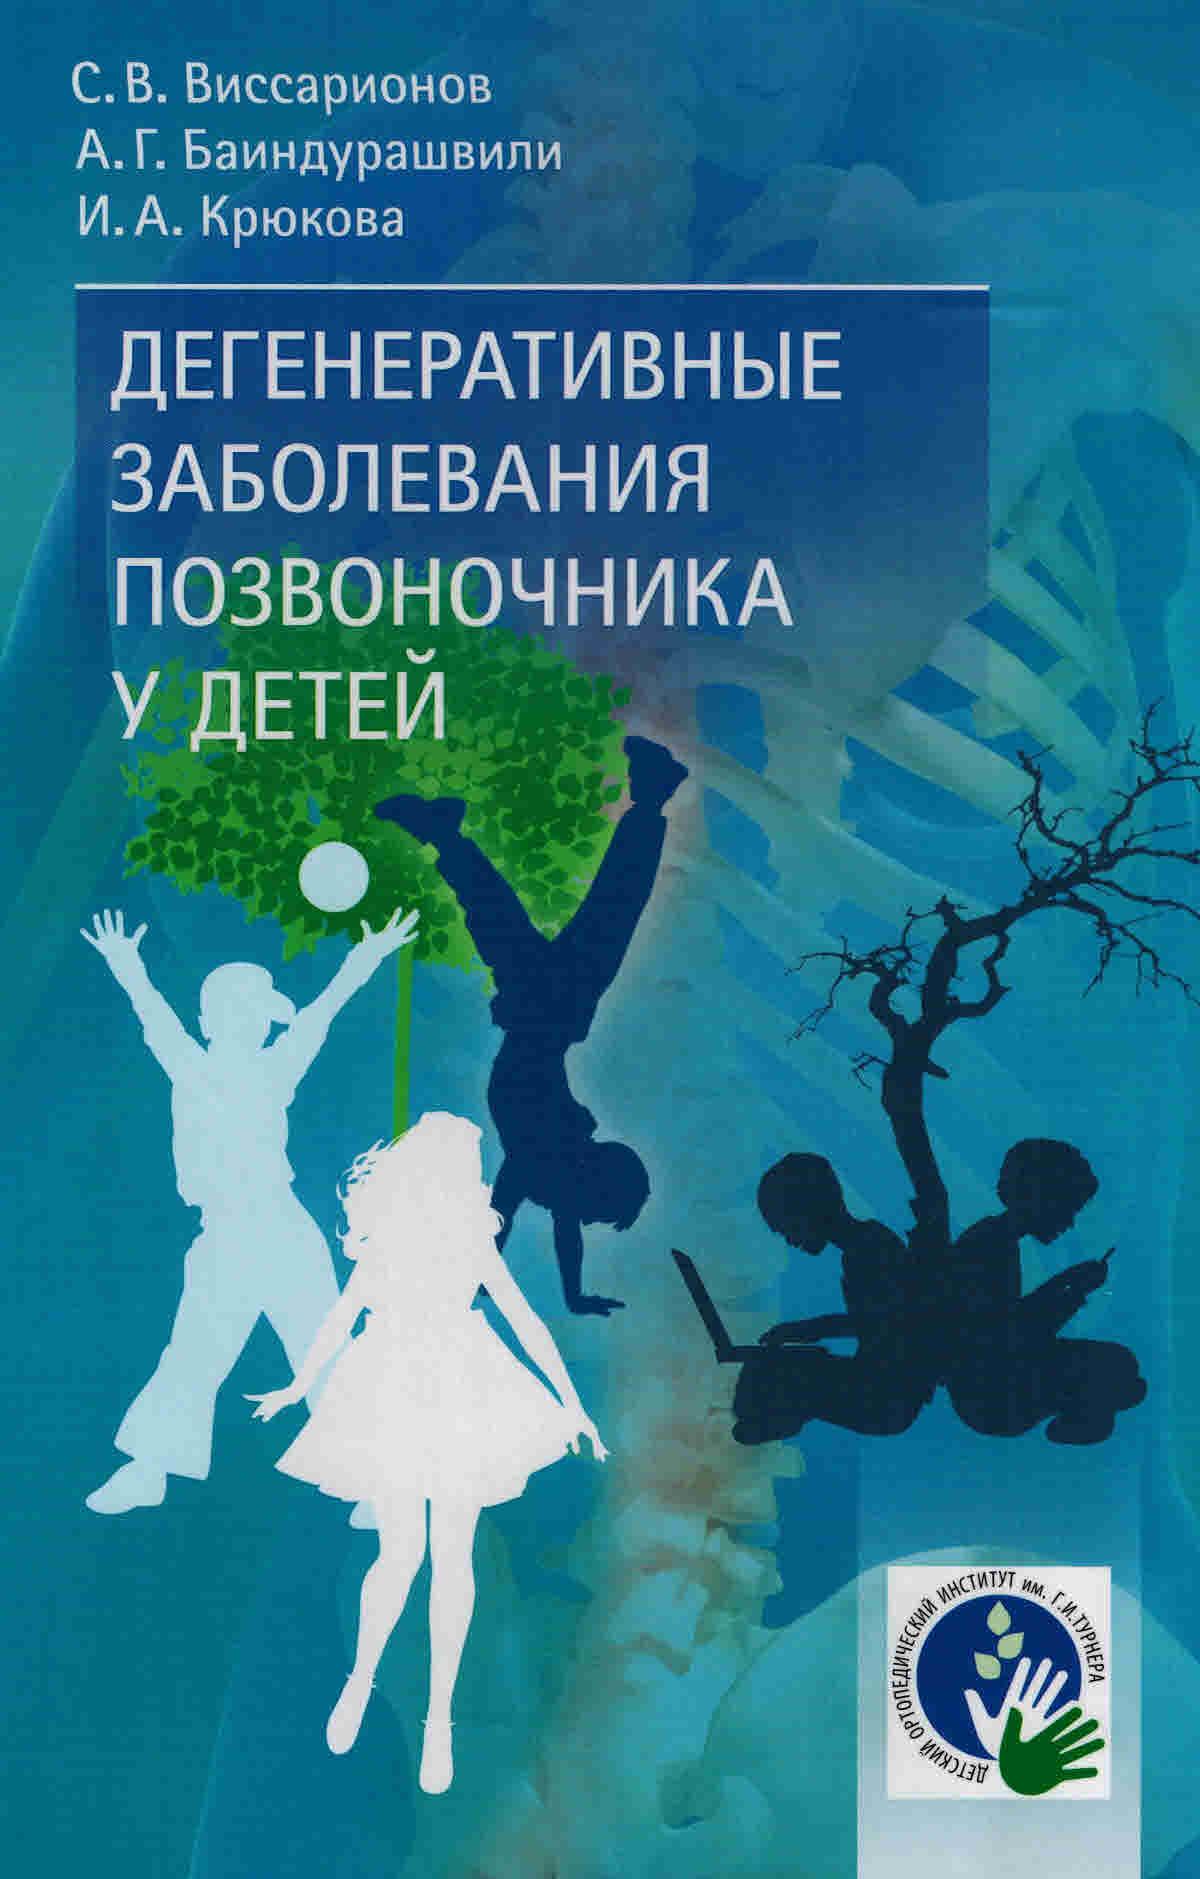 Новинки Дегенеративные заболевания позвоночника у детей degener_zab_pozv_u_detei.jpg